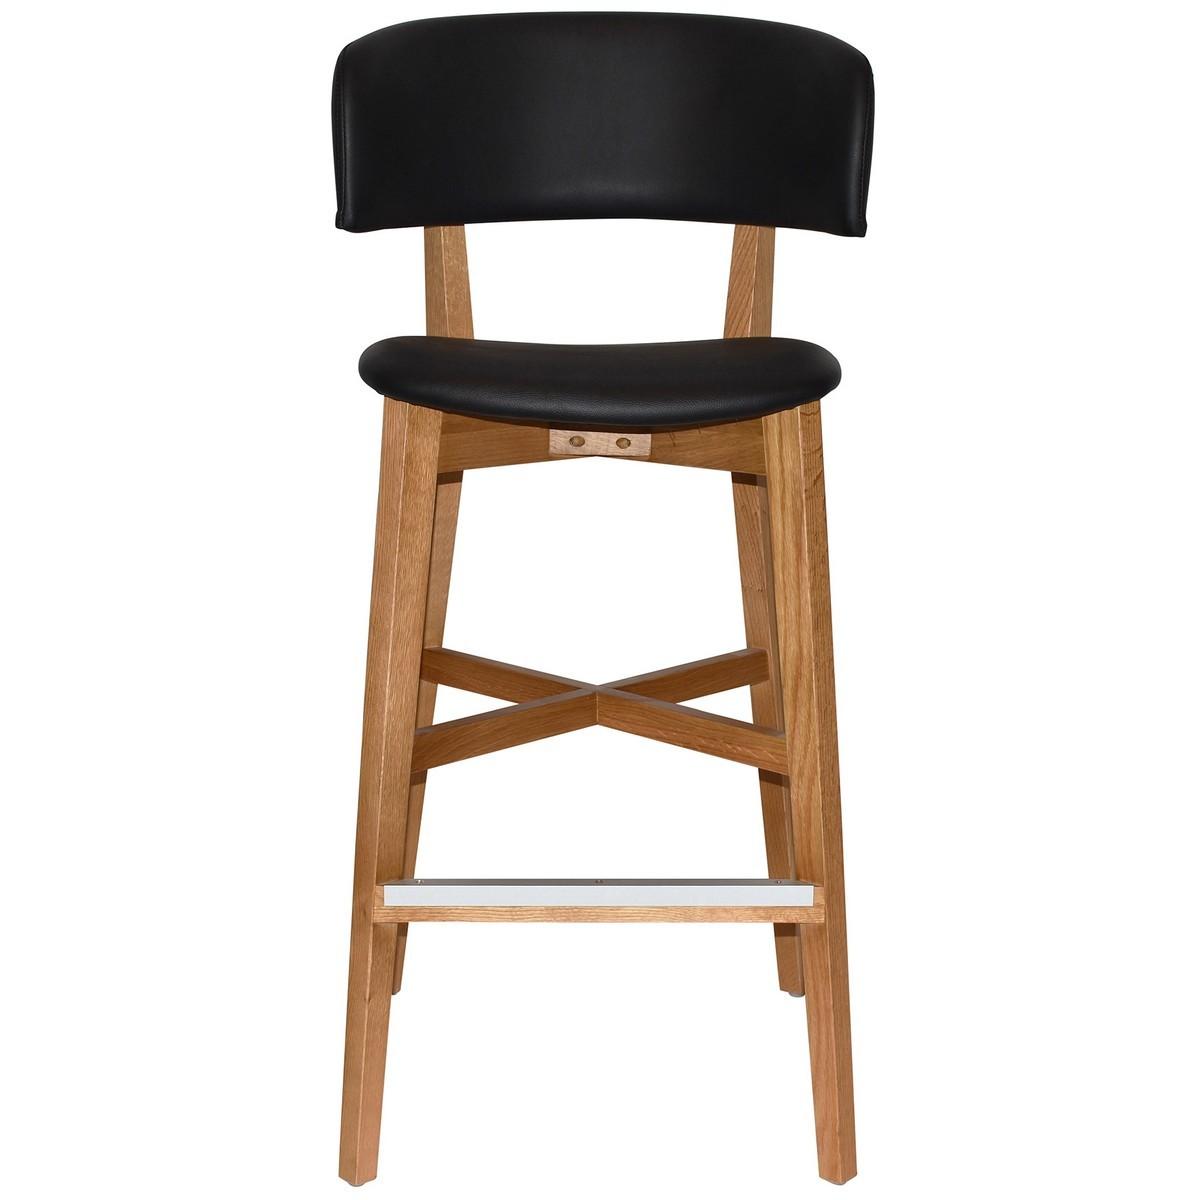 Torino Commercial Grade Oak Timber Bar Stool, Vinyl Seat & Back, Black / Light Oak